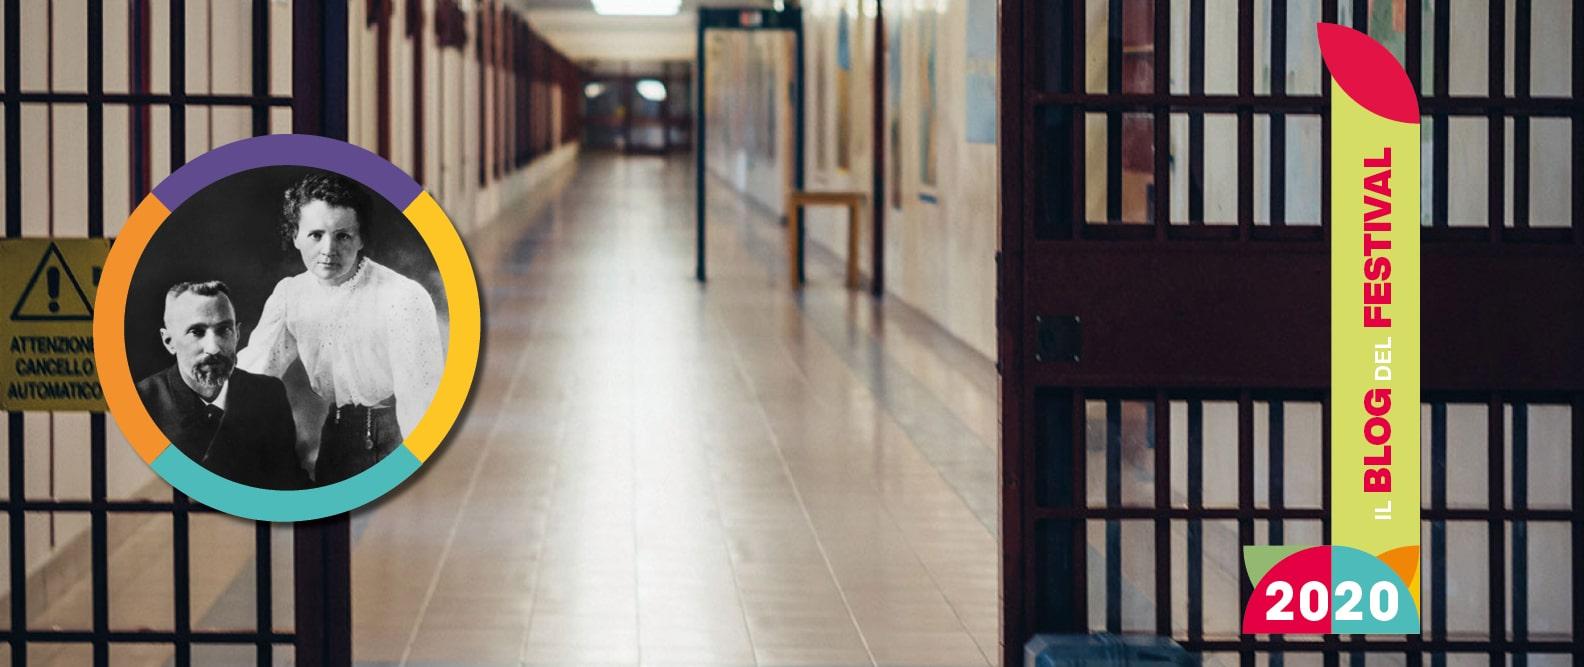 Il lockdown nel lockdown: la didattica a distanza in carcere